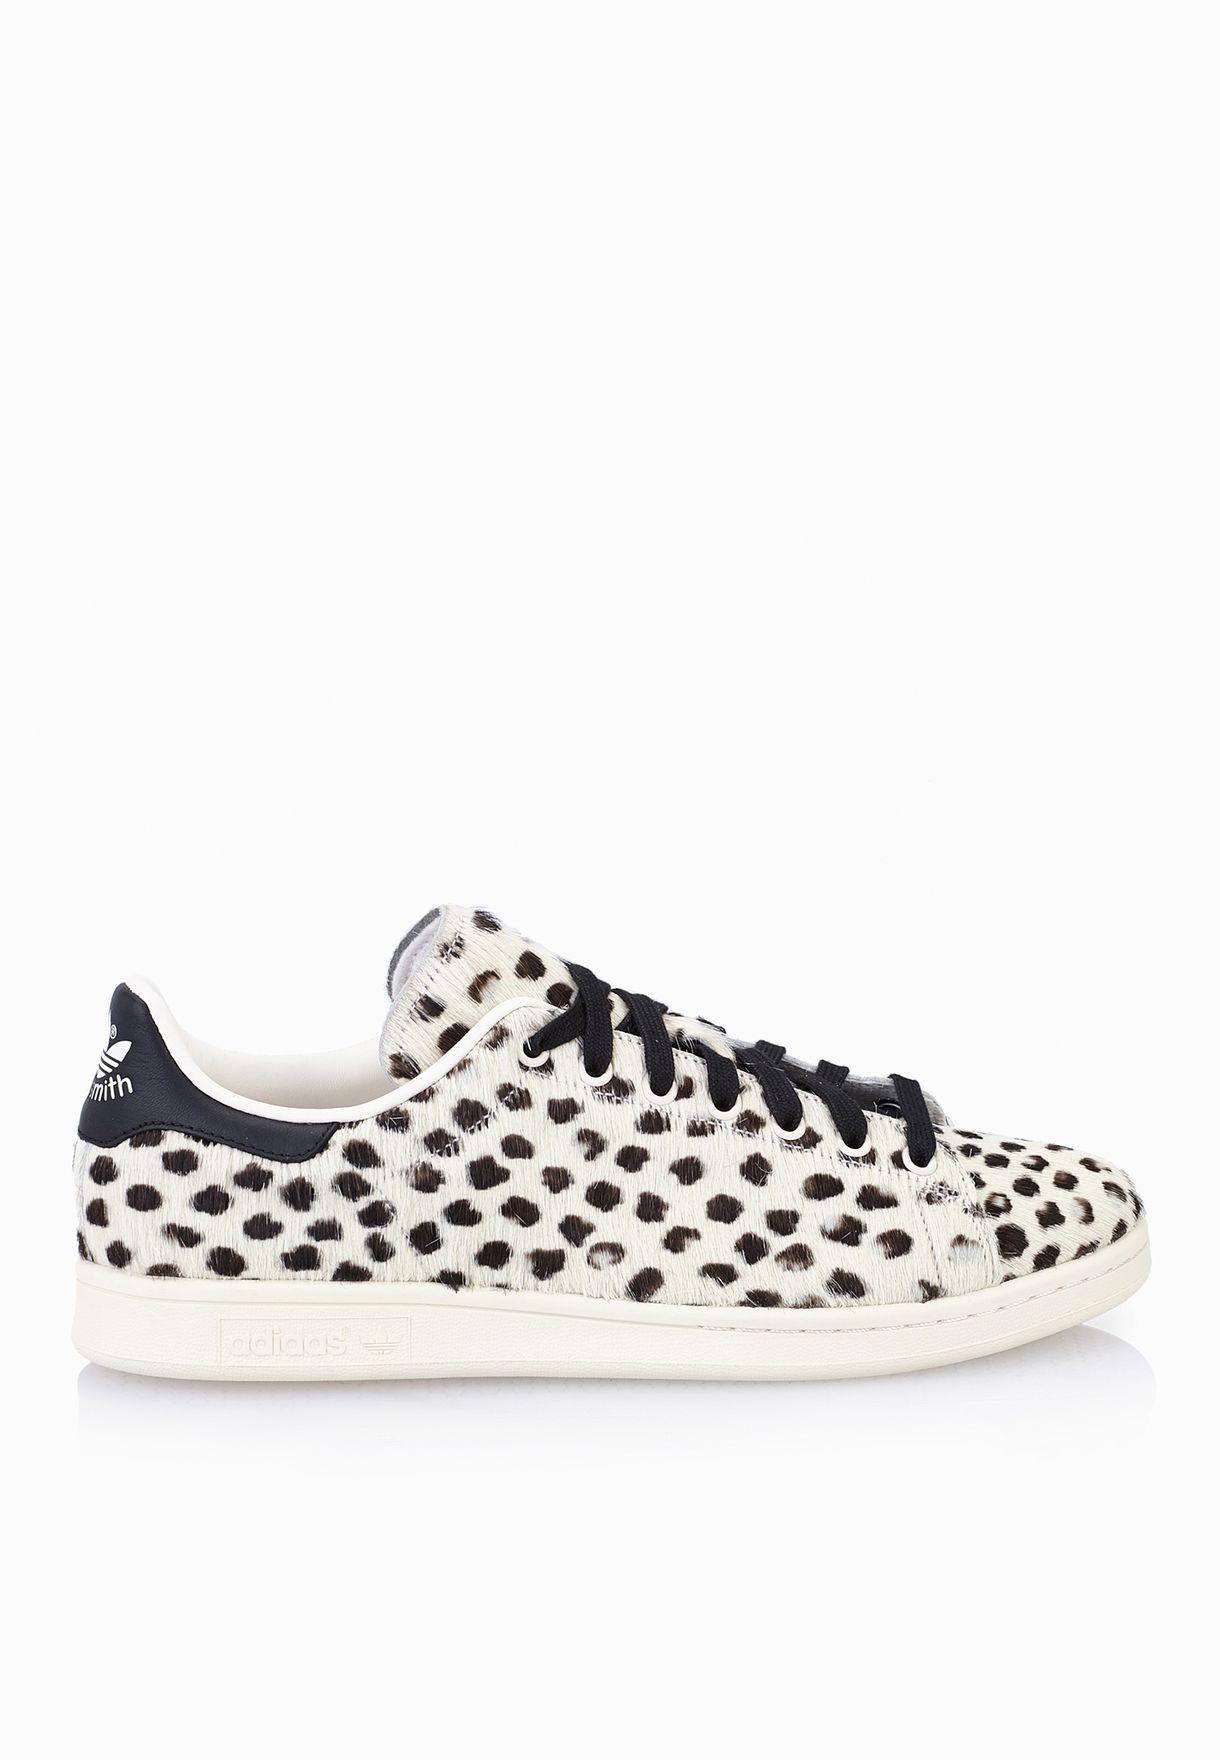 7876e3f0ade17 Shop adidas Originals animalprint Stan Smith S75117 for Men in UAE ...